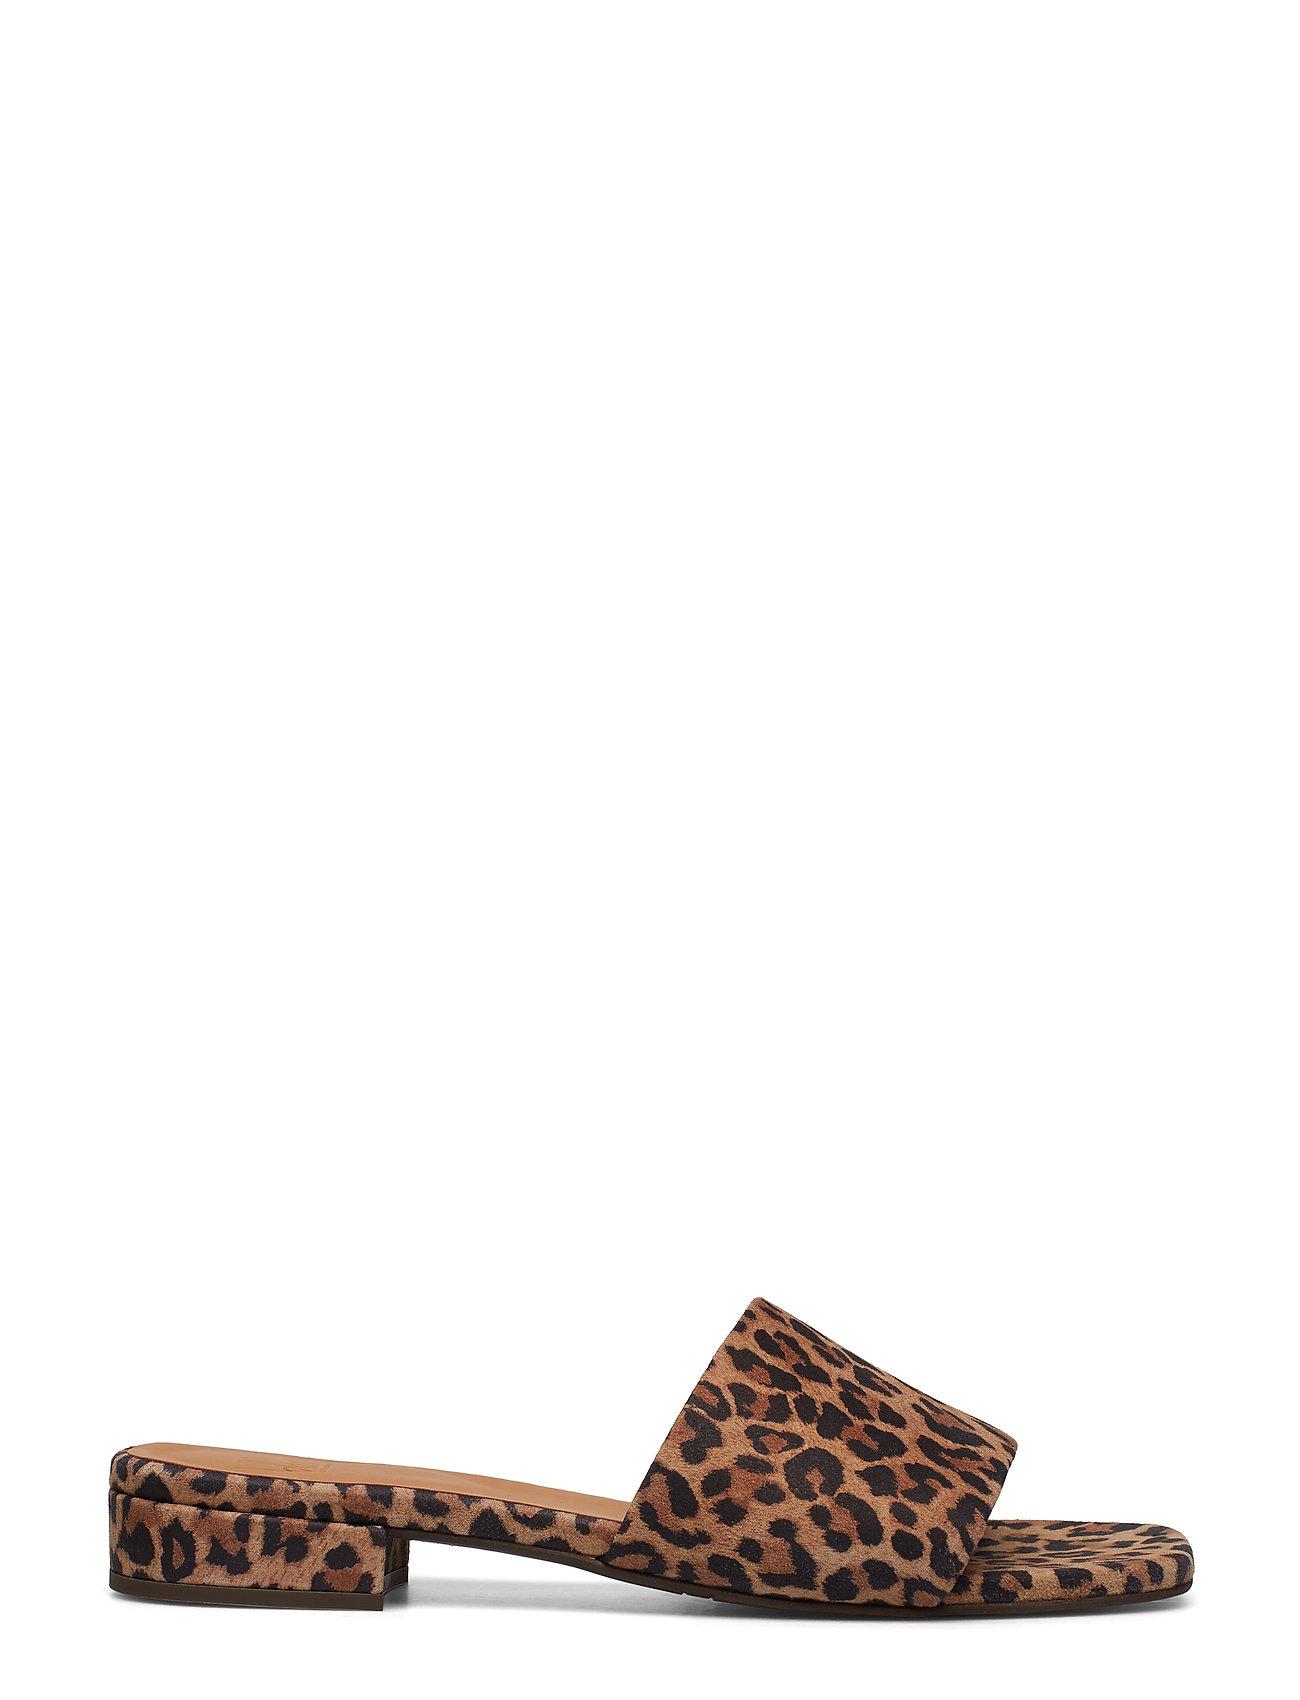 c71f2b01 Billi Bi flade sandaler – Sandals 8718 til dame i BLACK SUEDE 50 ...